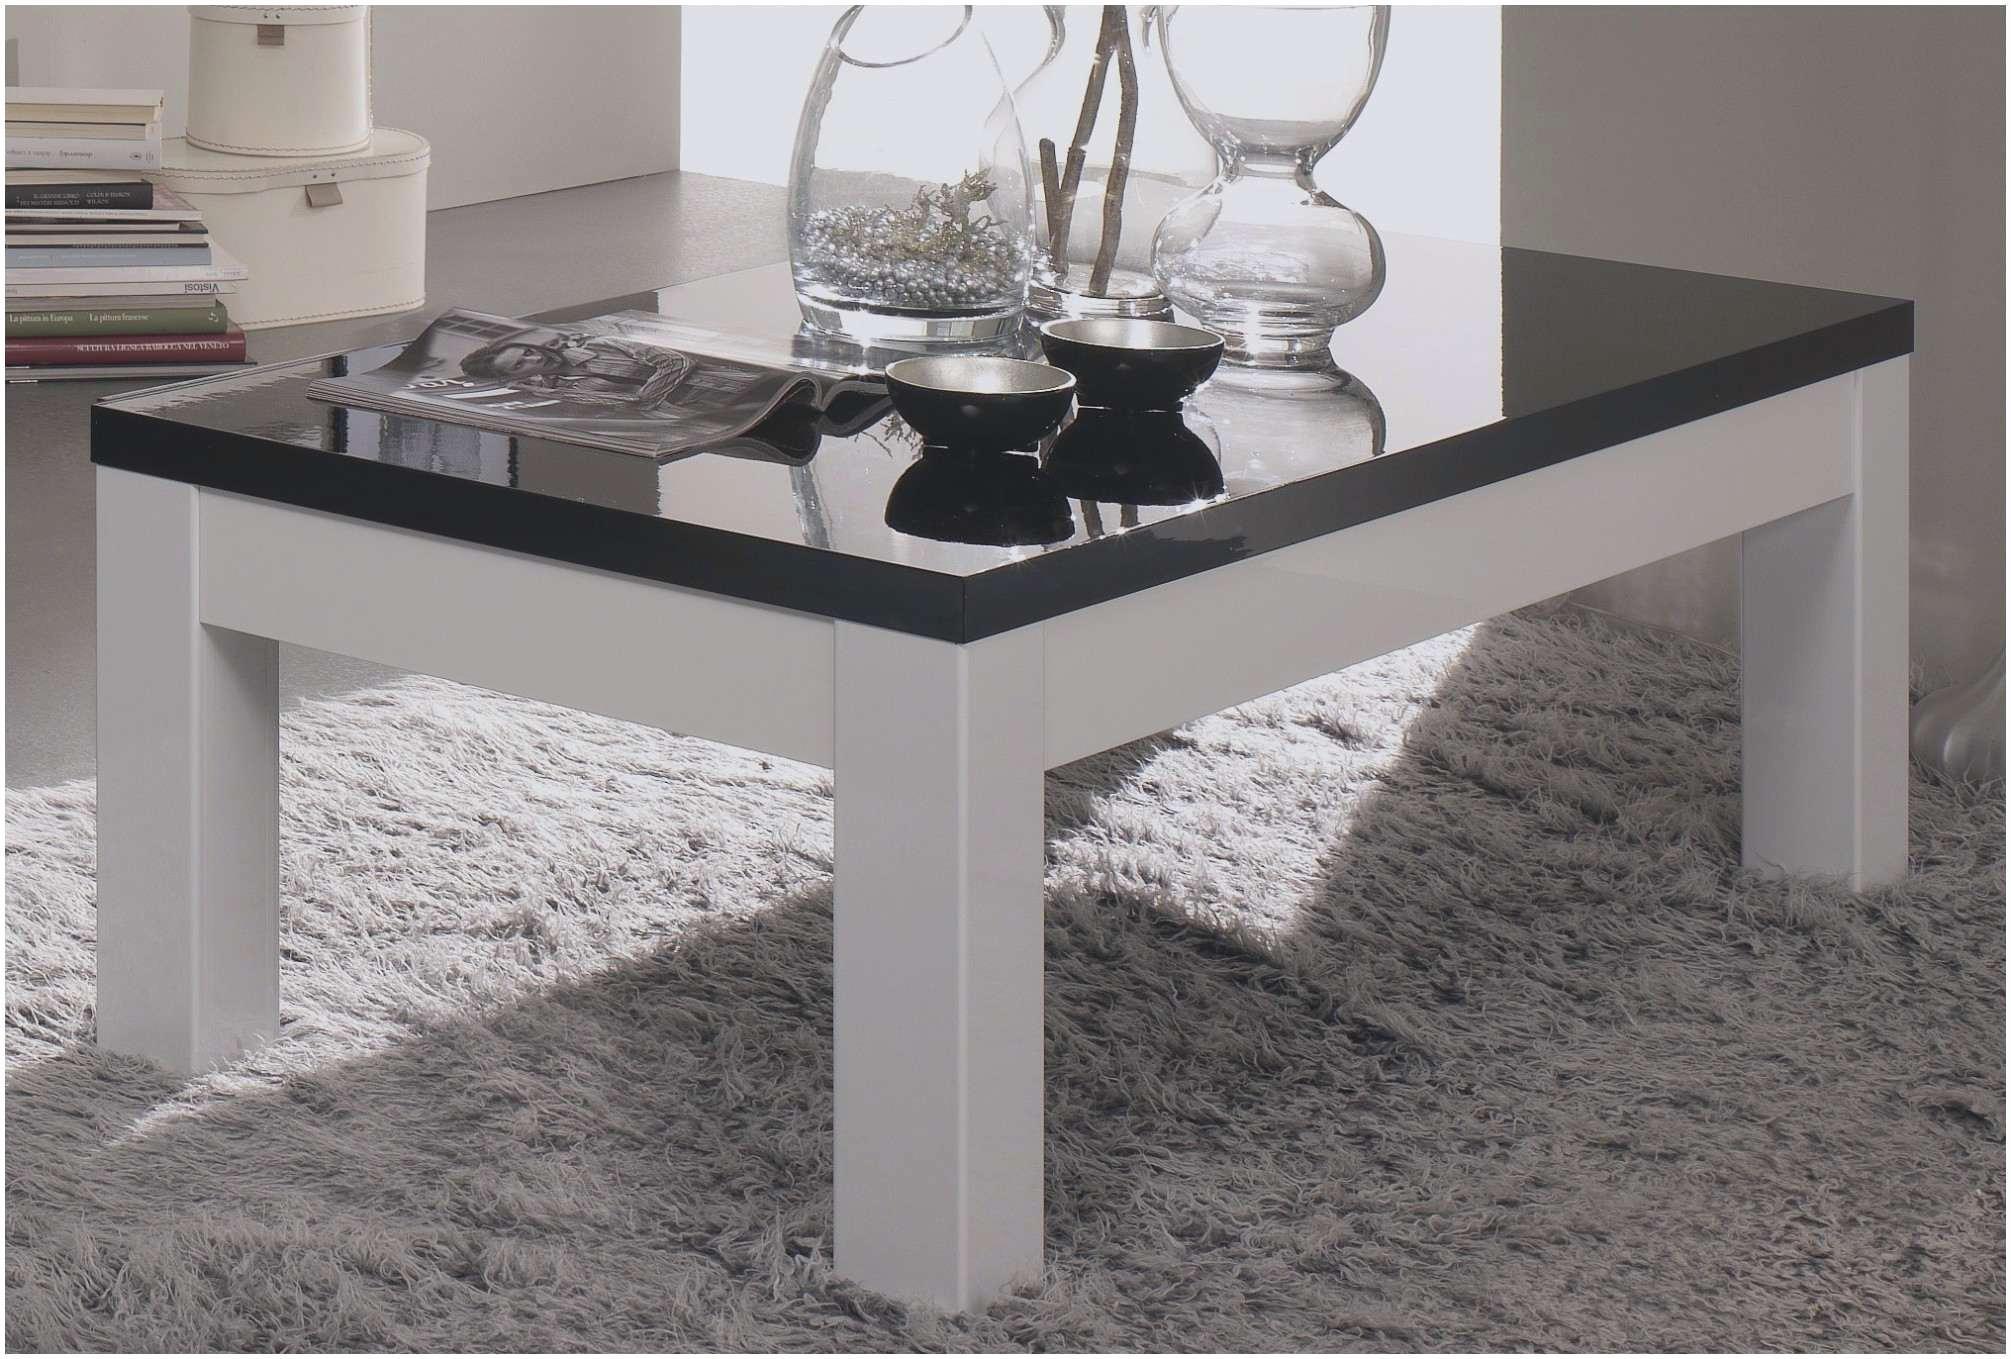 table de jardin alinea nouveau petite table de jardin alinea of table de jardin alinea